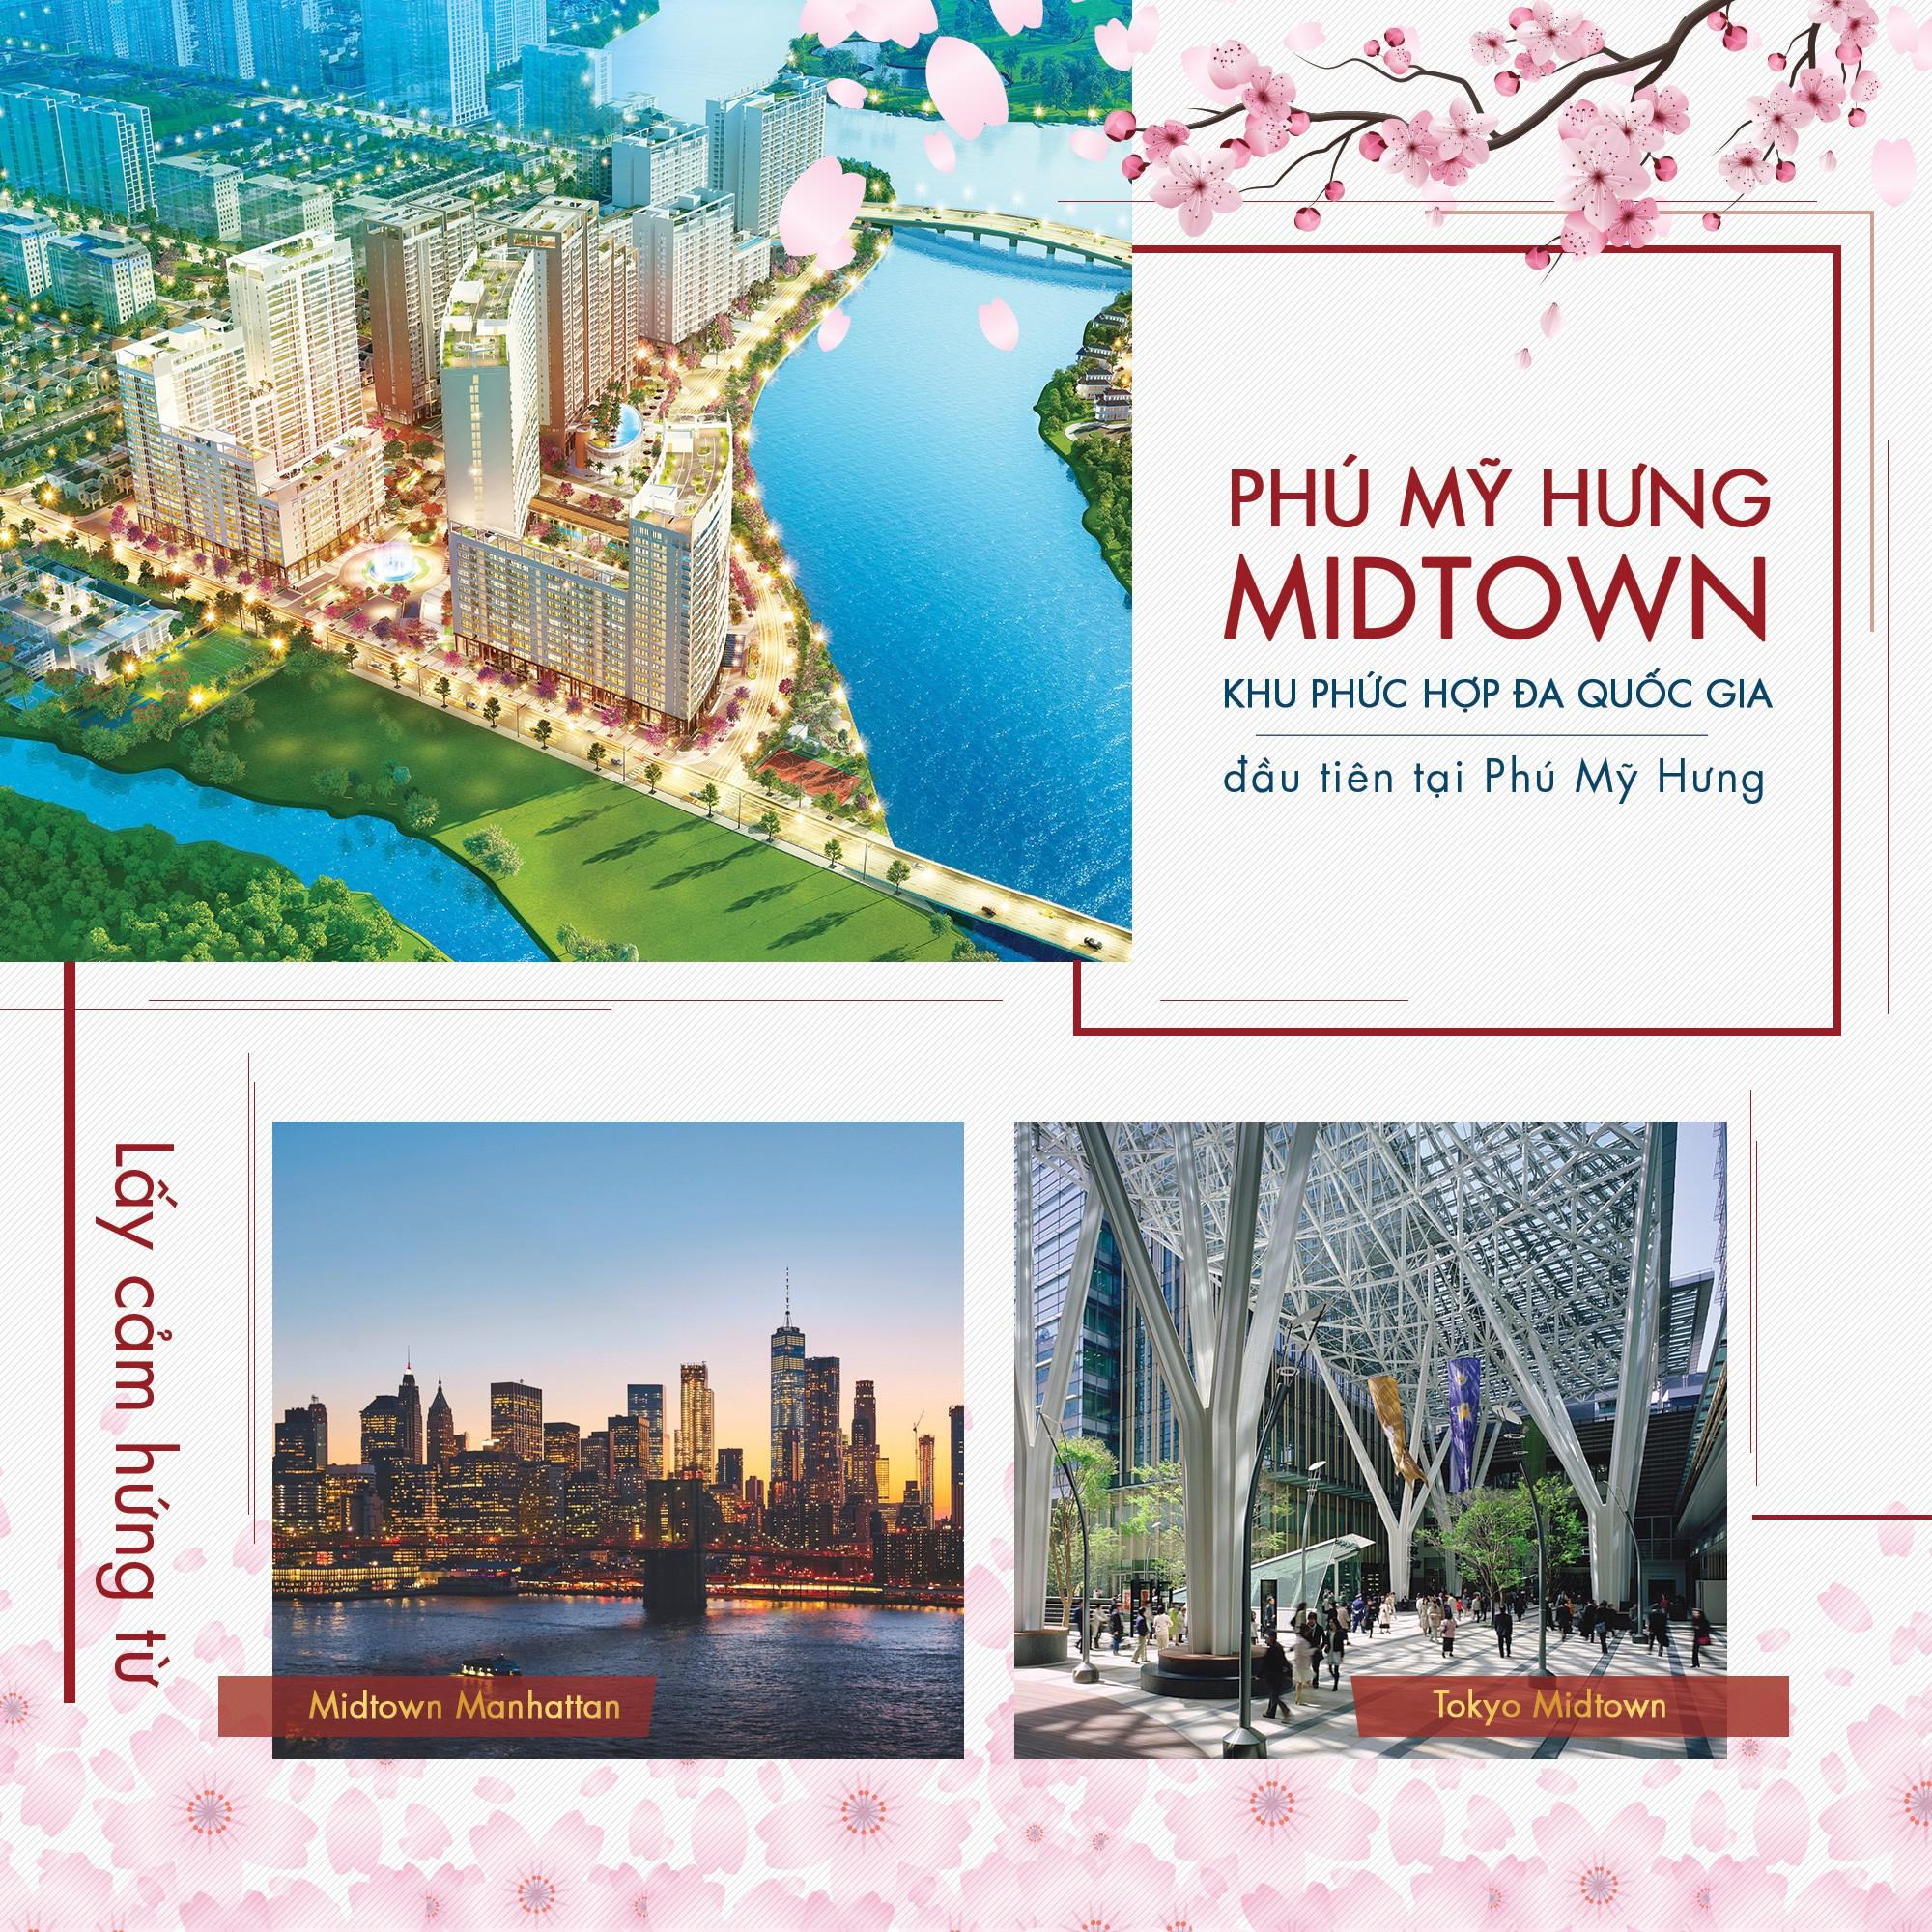 Phú Mỹ Hưng và bài toán định hình khái niệm bất động sản cao cấp riêng biệt - Ảnh 6.